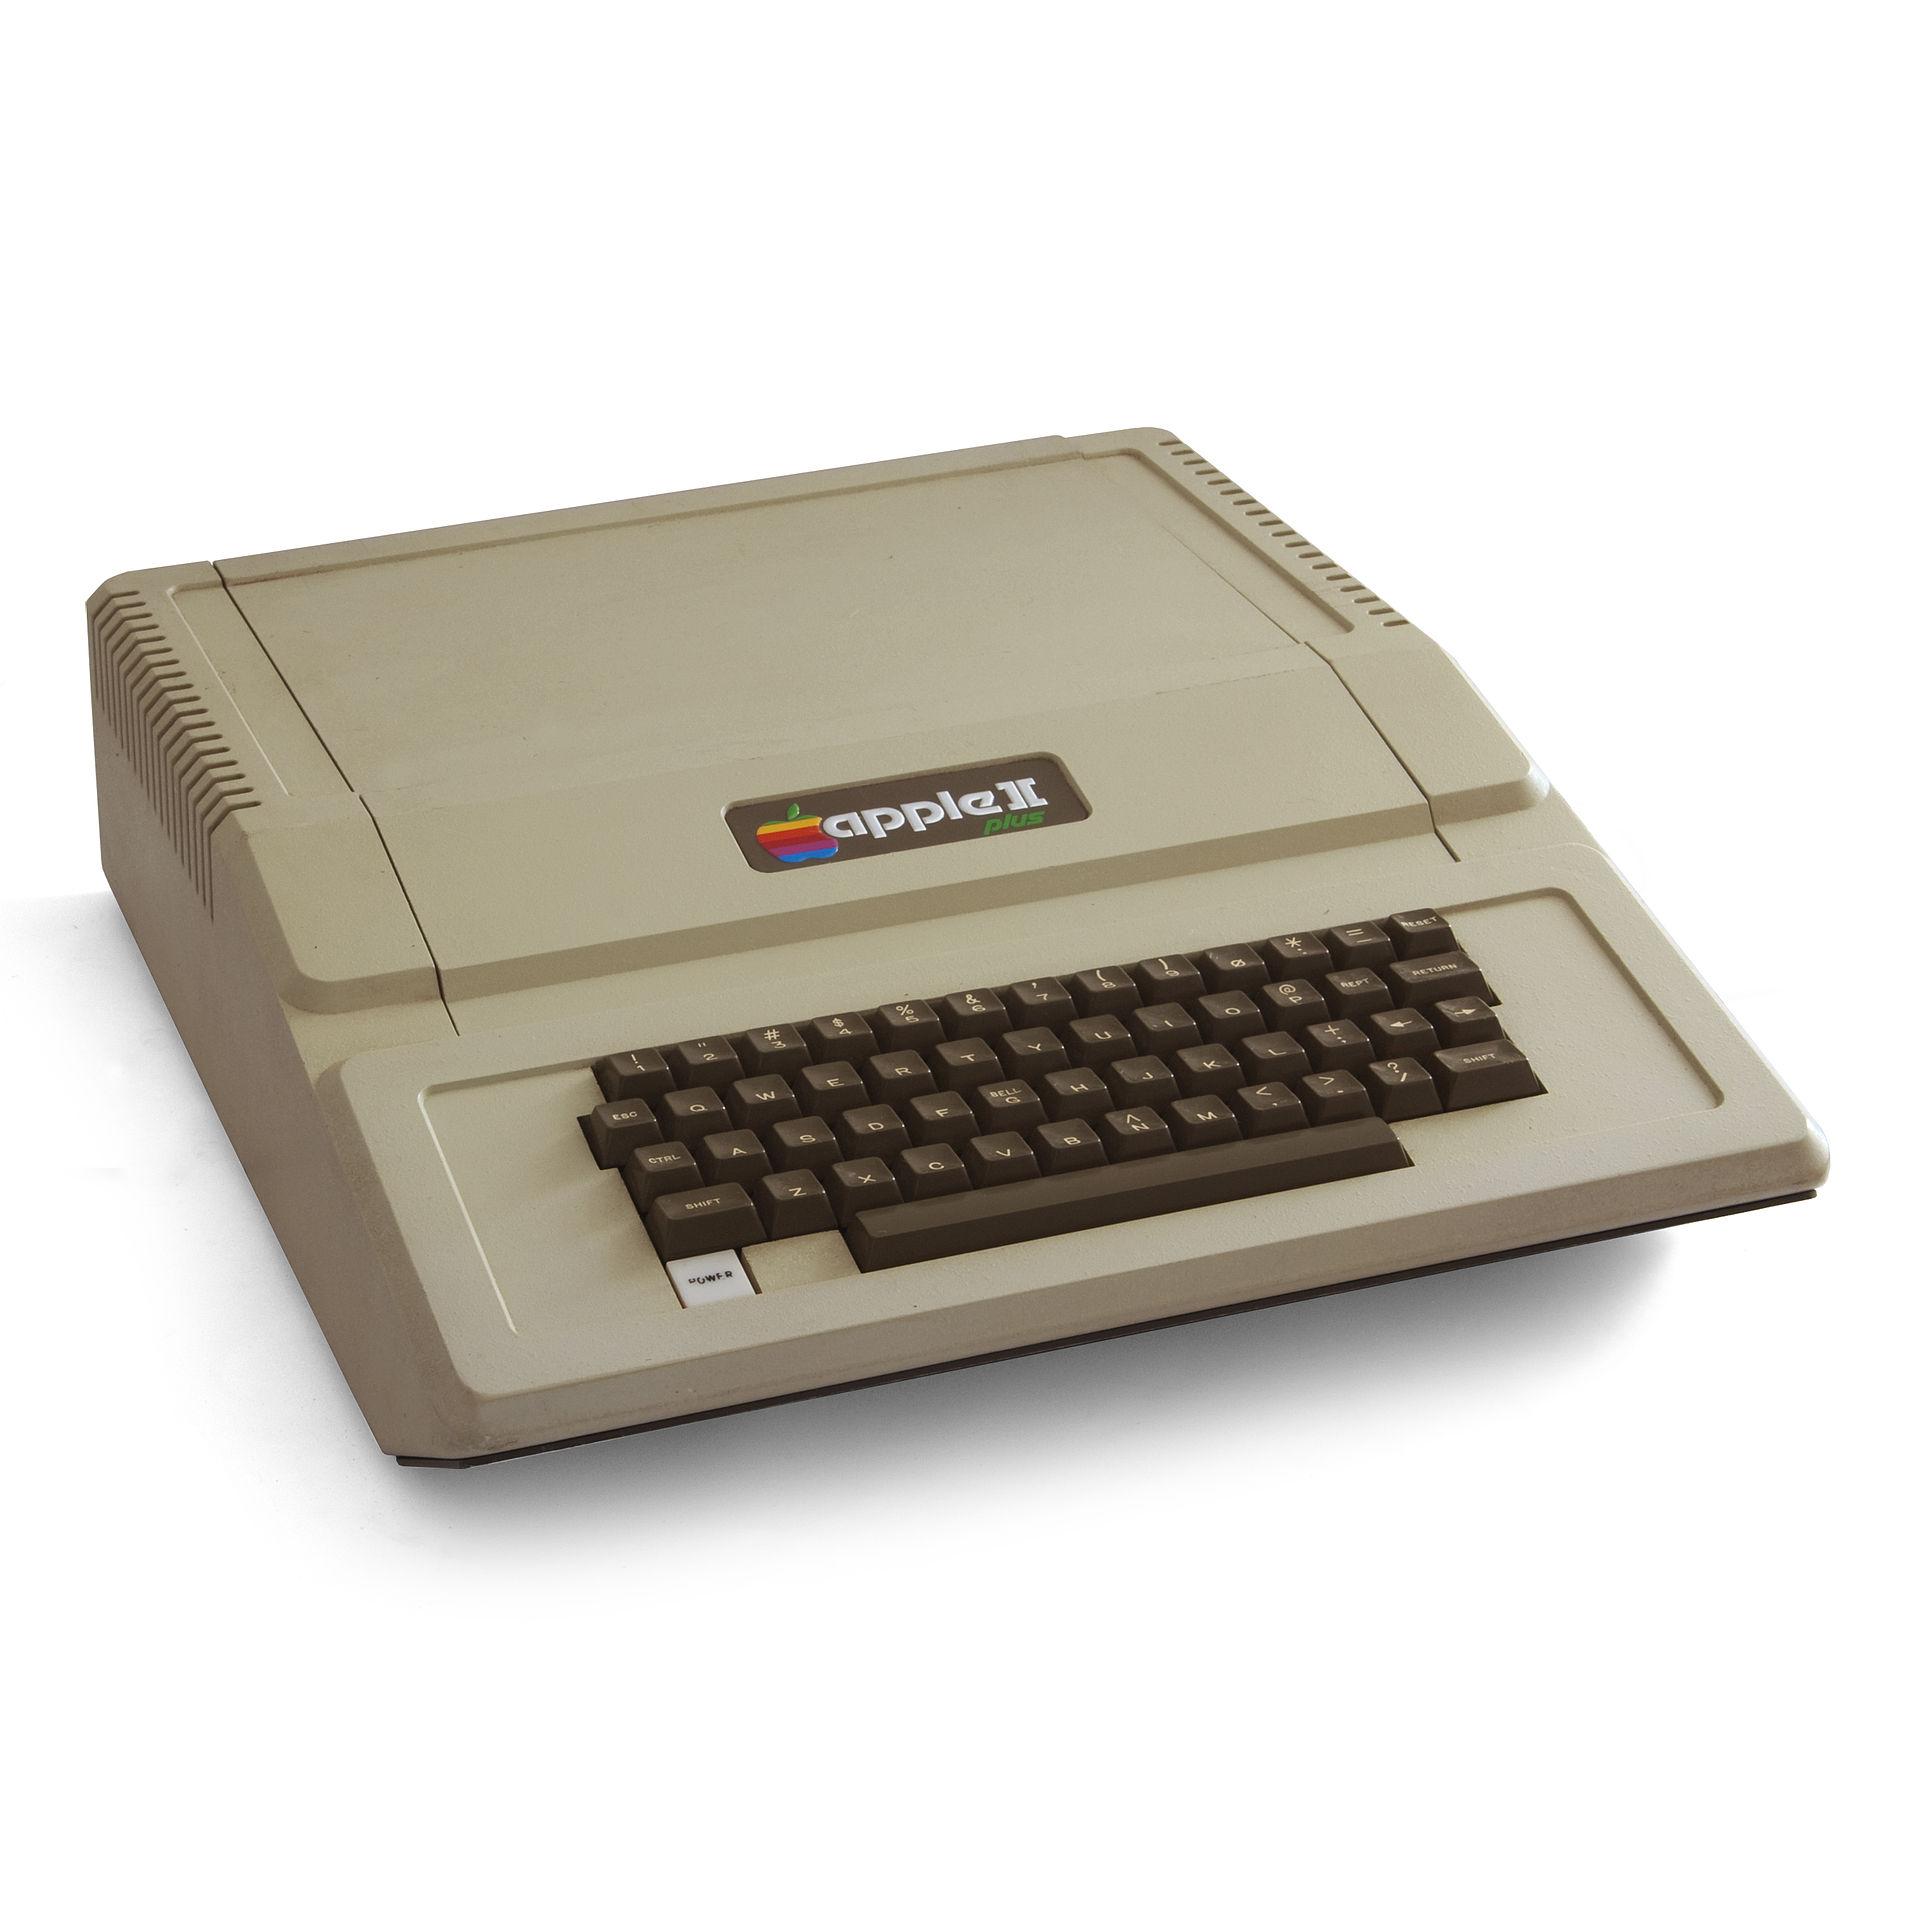 Apple II 06